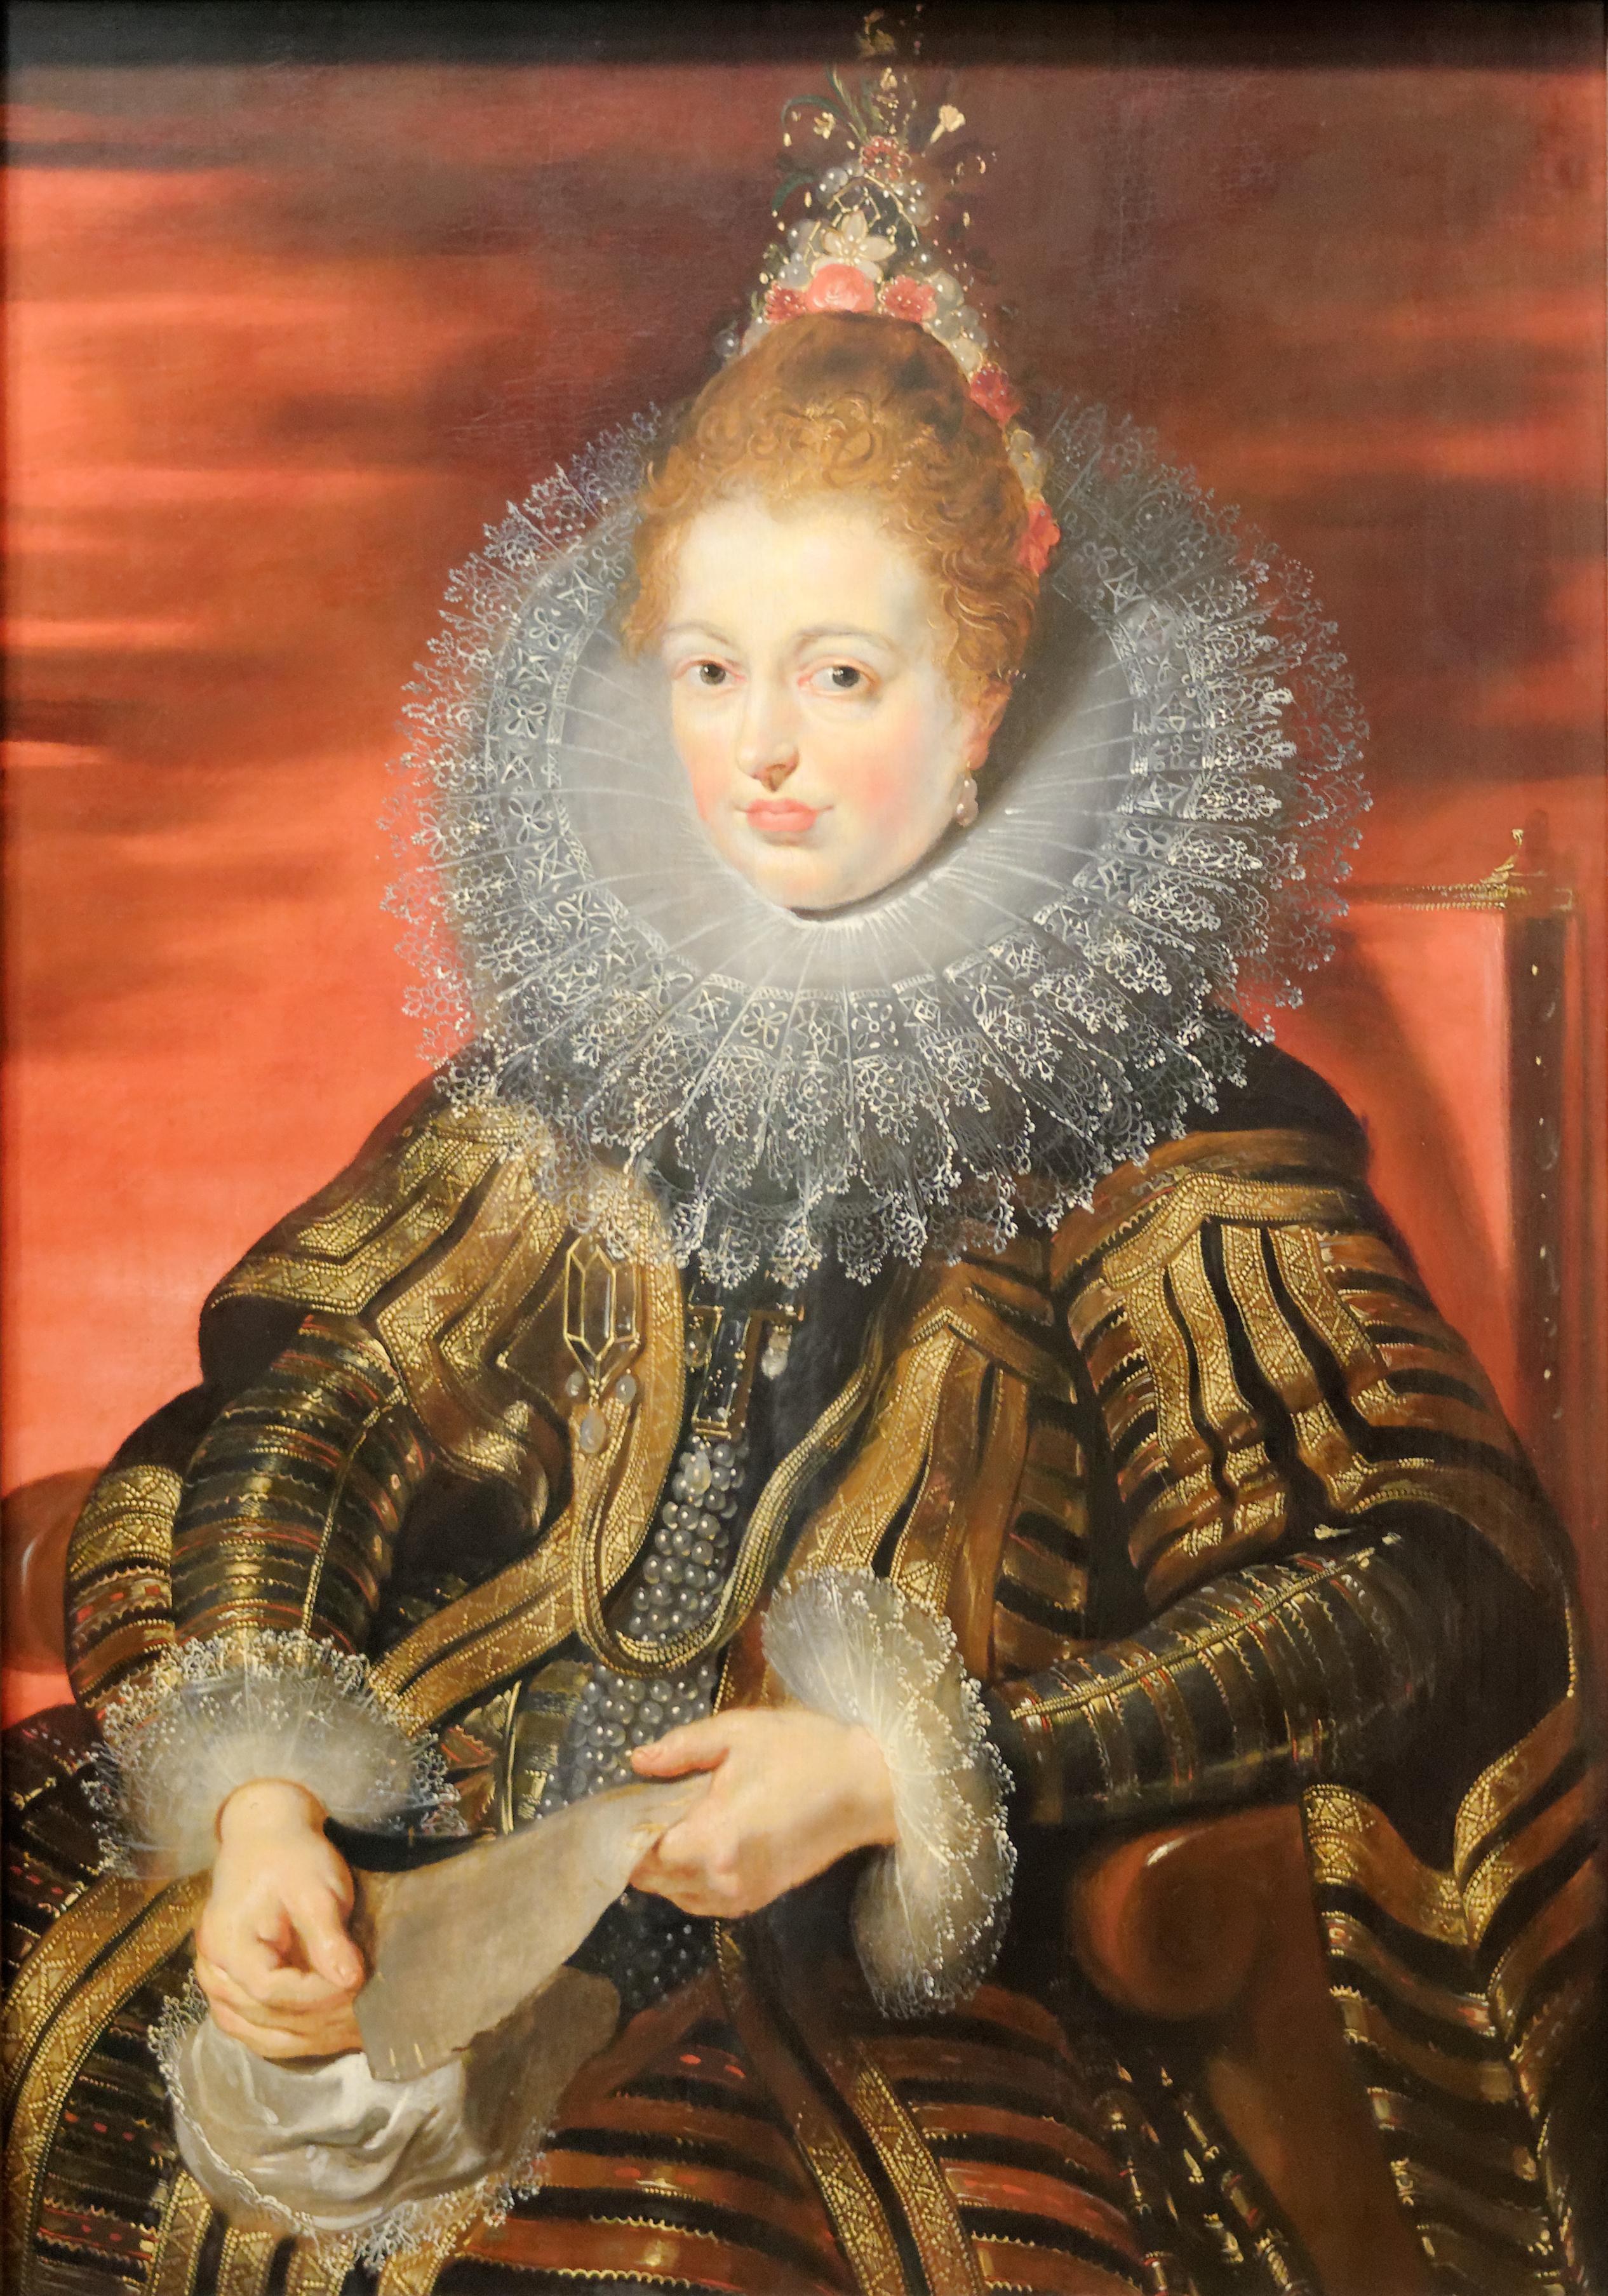 Infante_Clara_Eugénie_-_Rubens